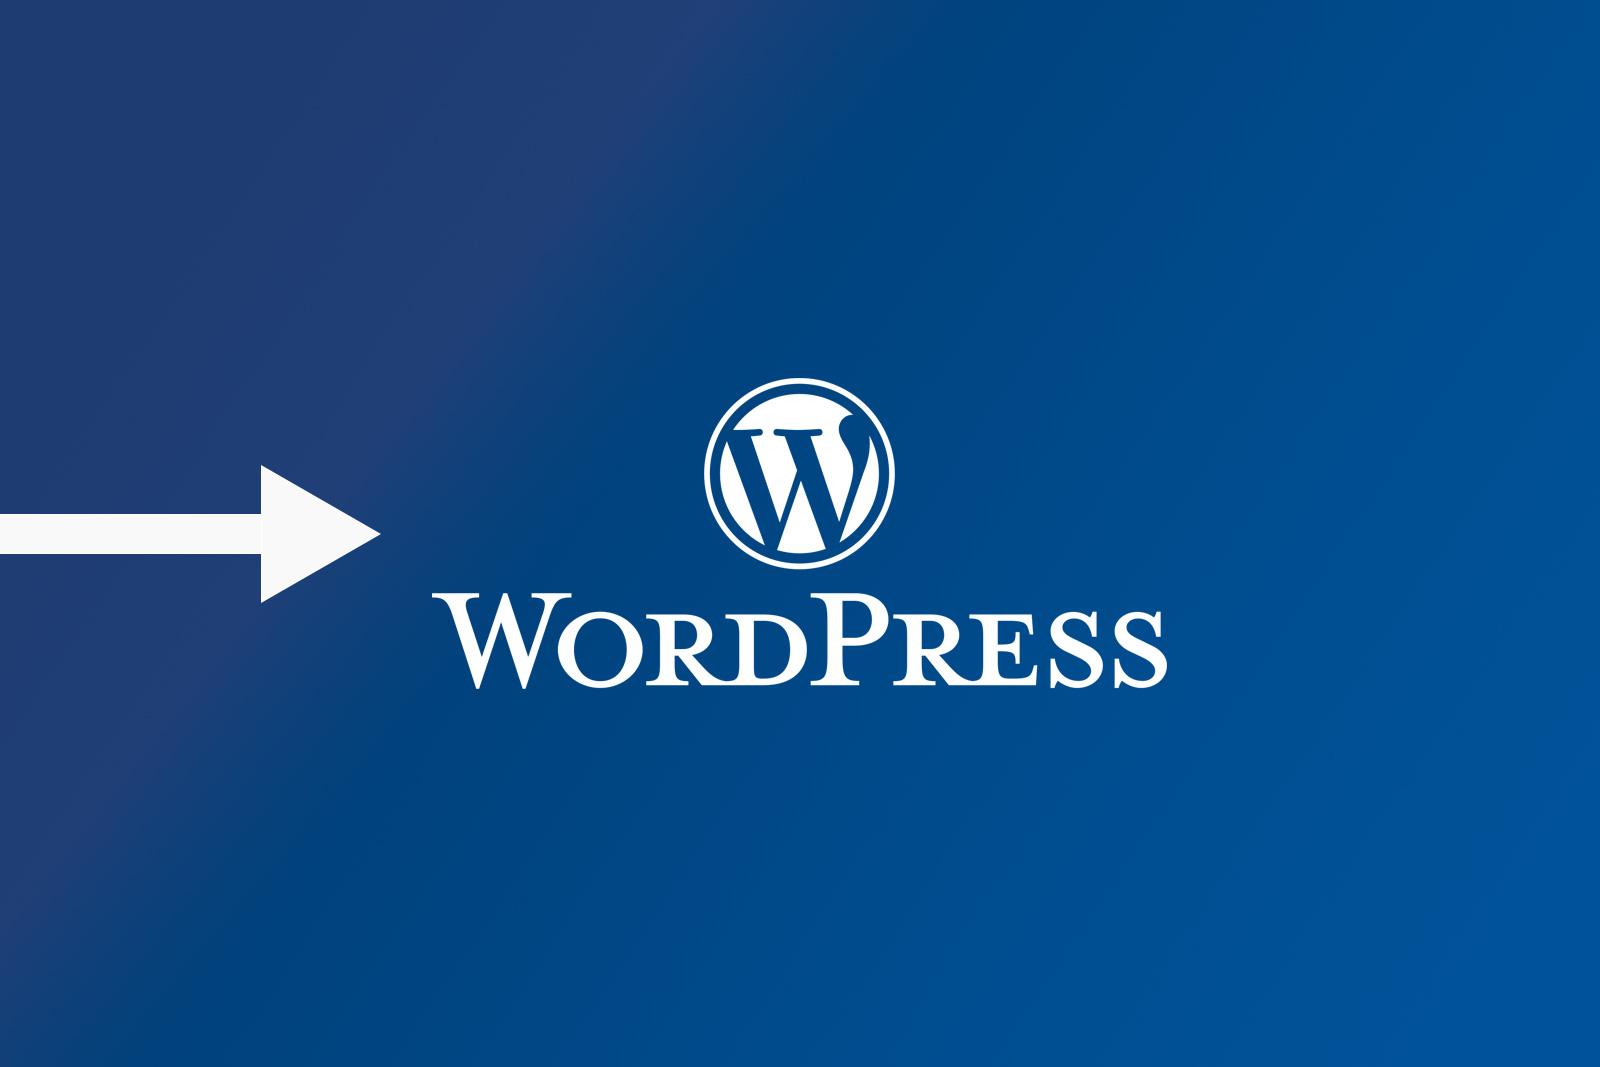 【実績170件超】はてなブログからWordPressへの移行代行サービス